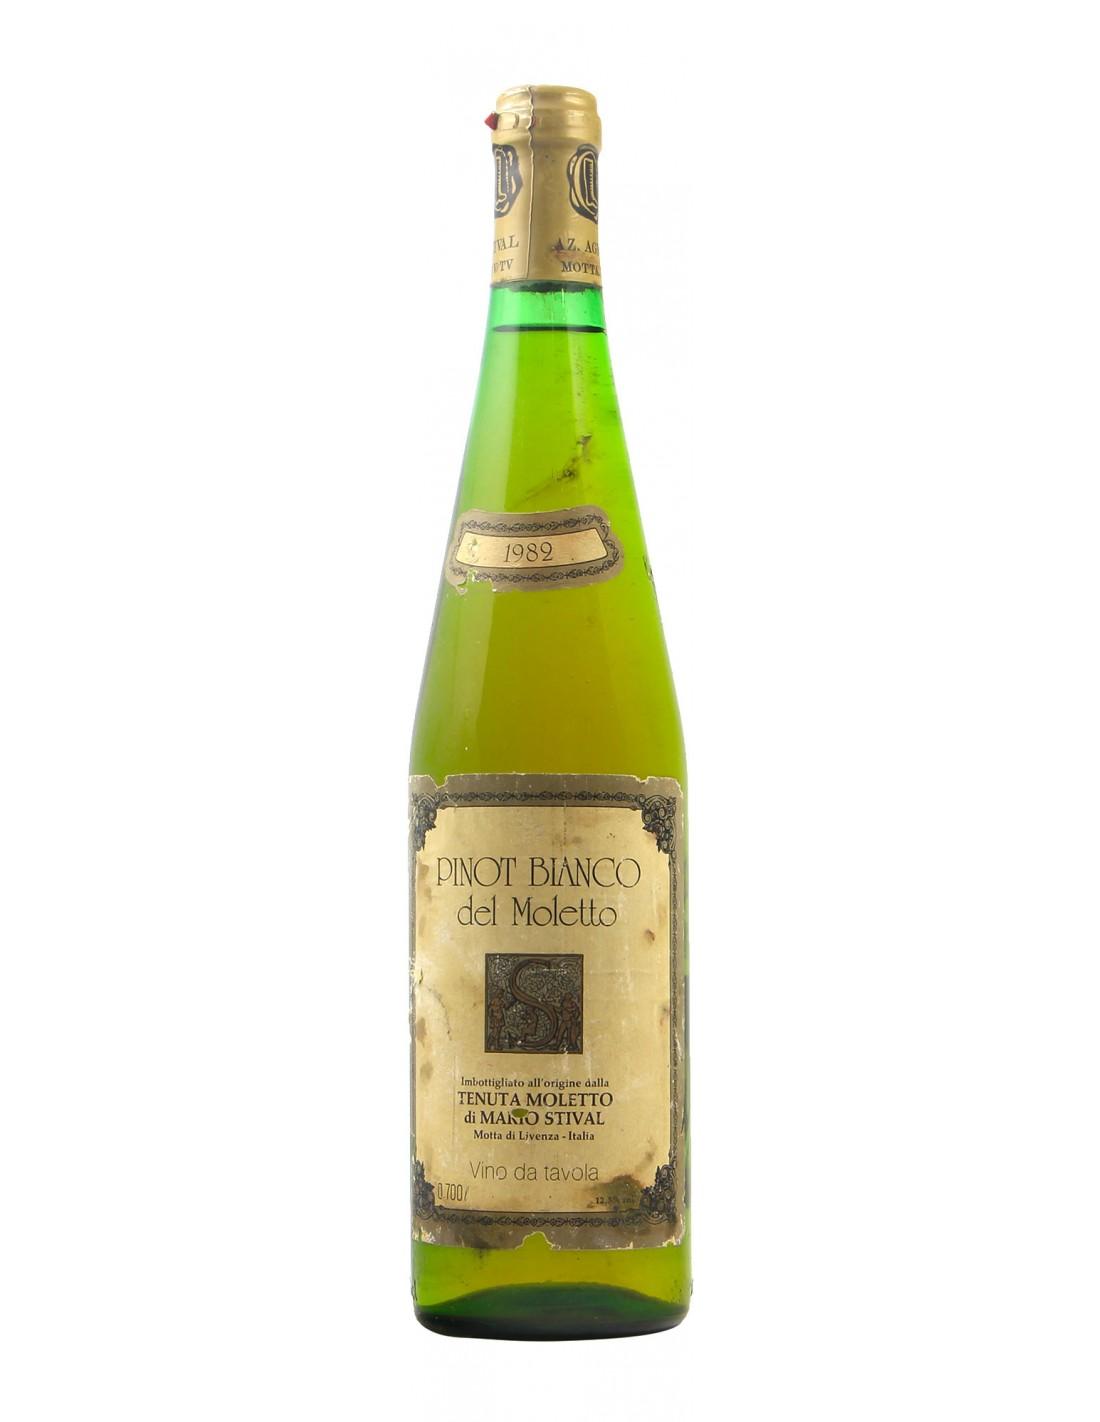 PINOT BIANCO 1982 TENUTA MOLETTO Grandi Bottiglie